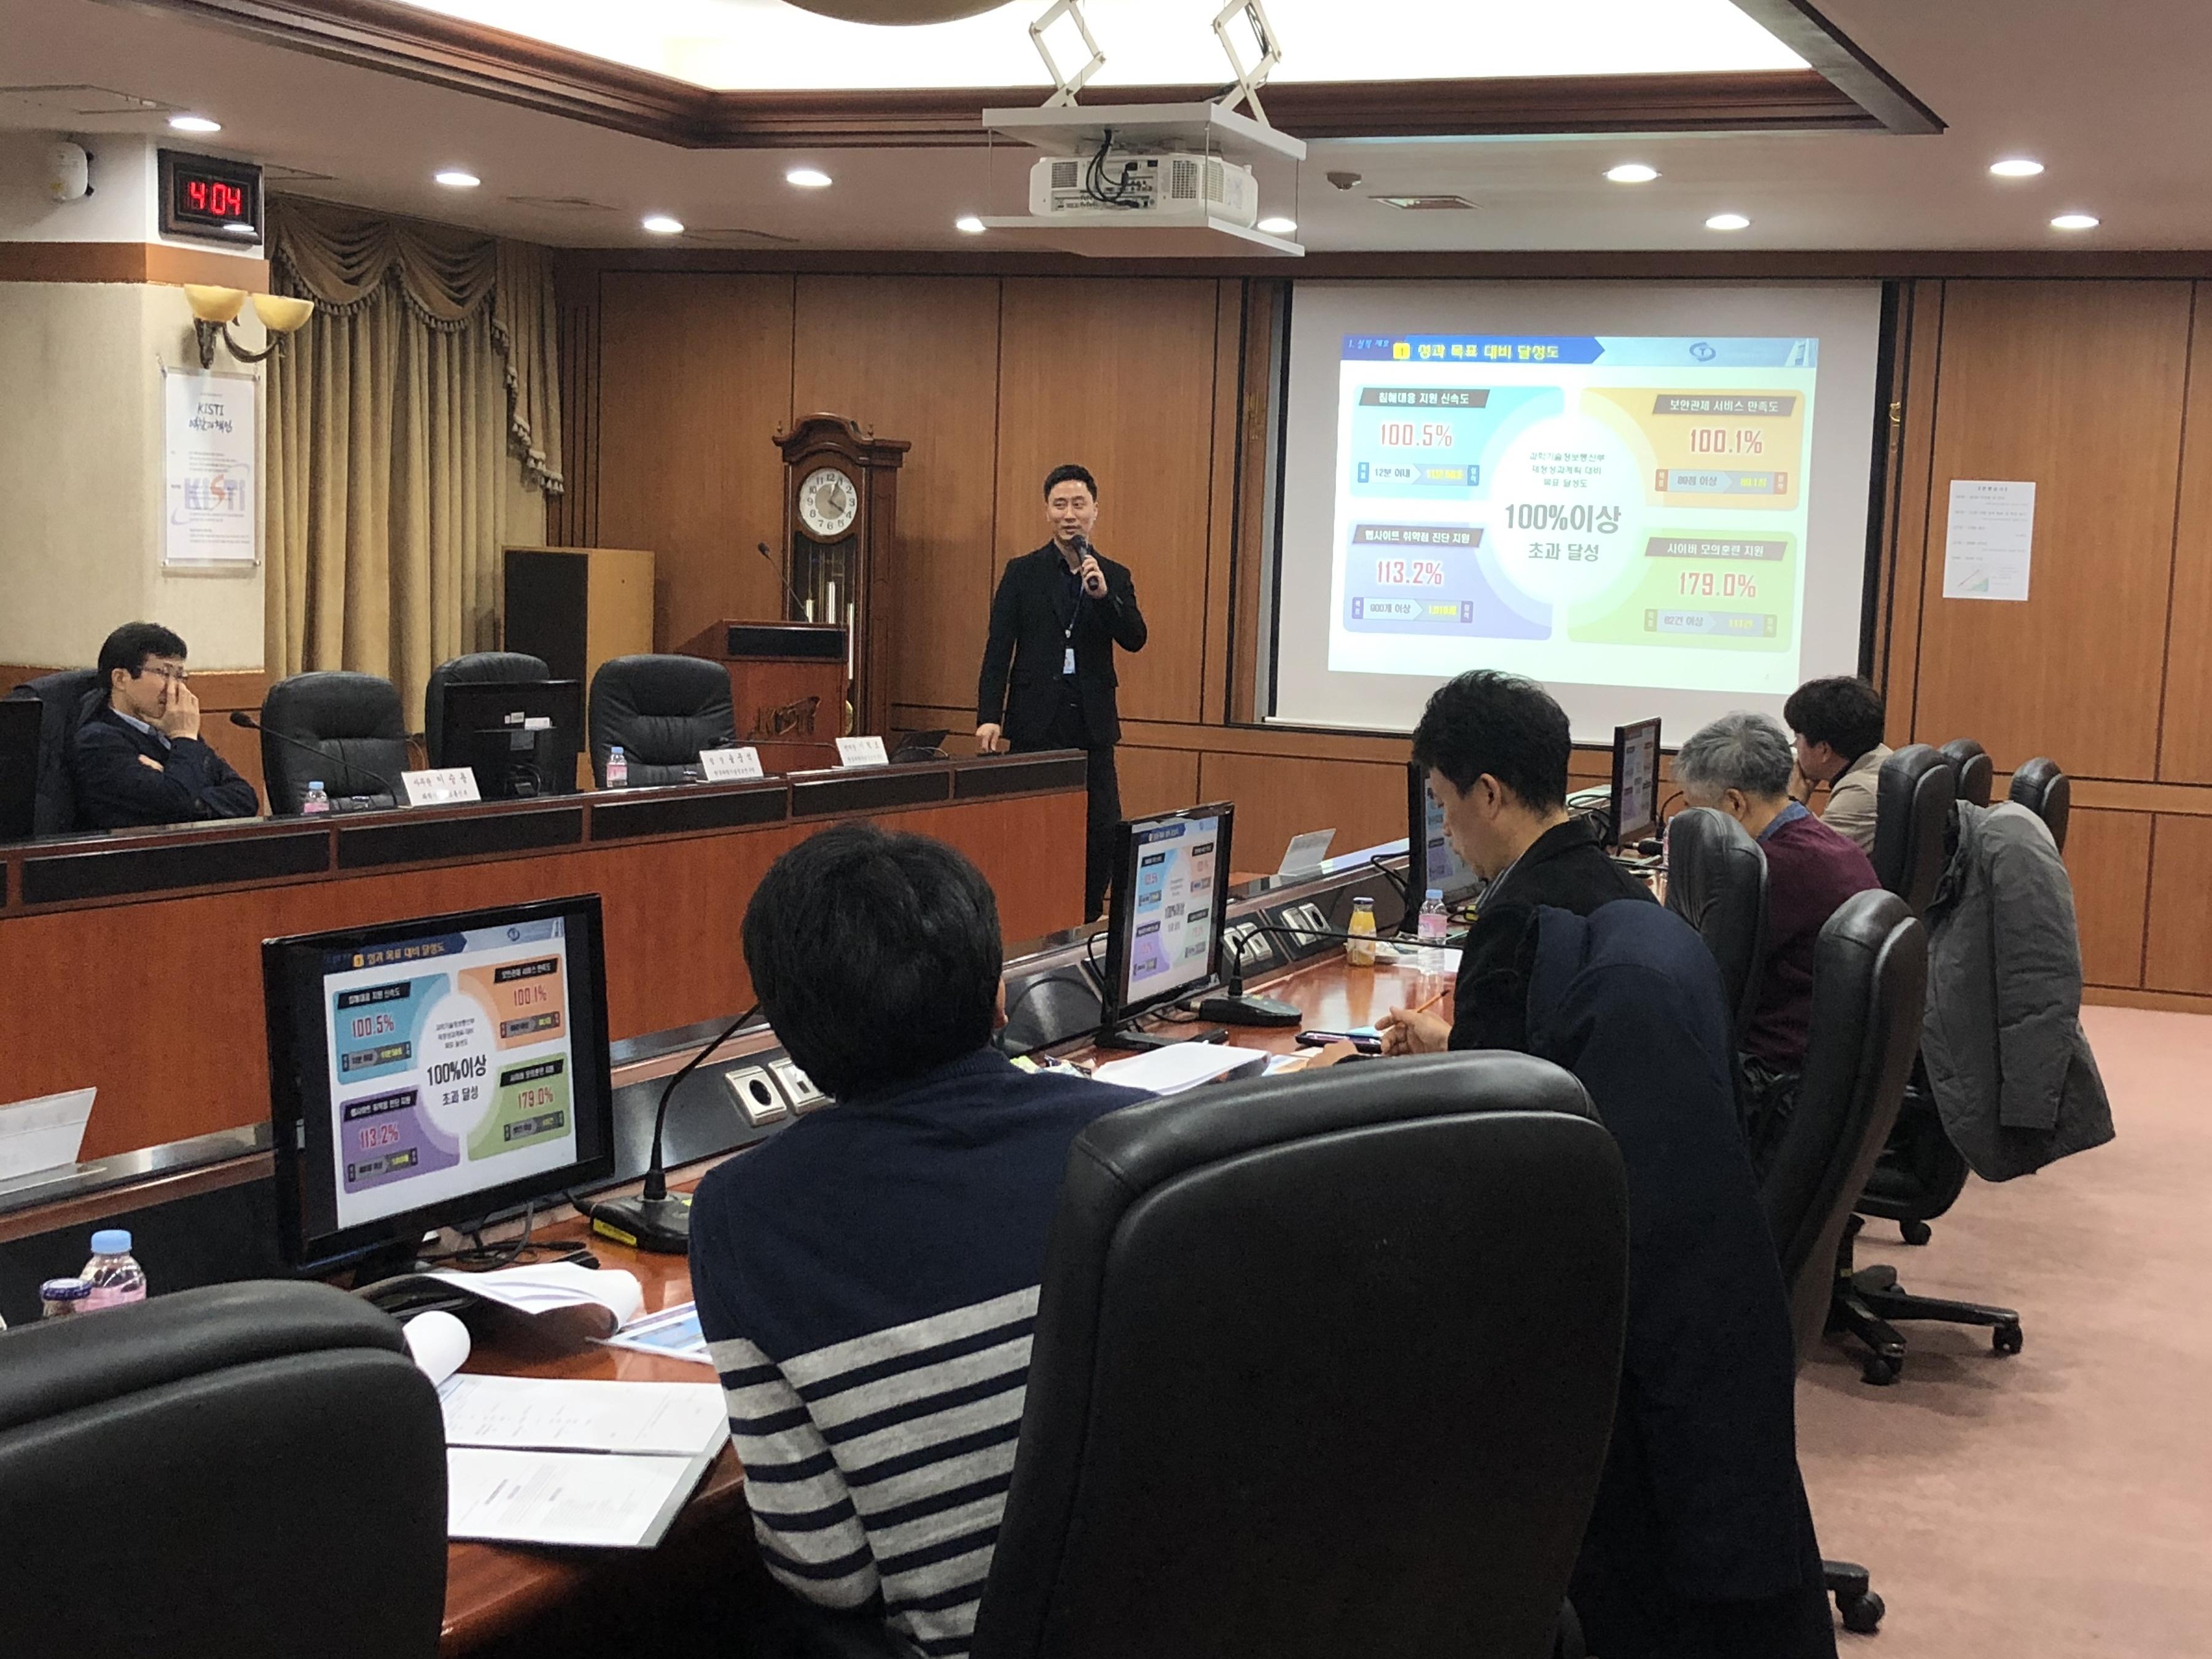 과학기술정보보호사업에 대한 산・학・연・관 외부 전문가평가 관련 회의 사진